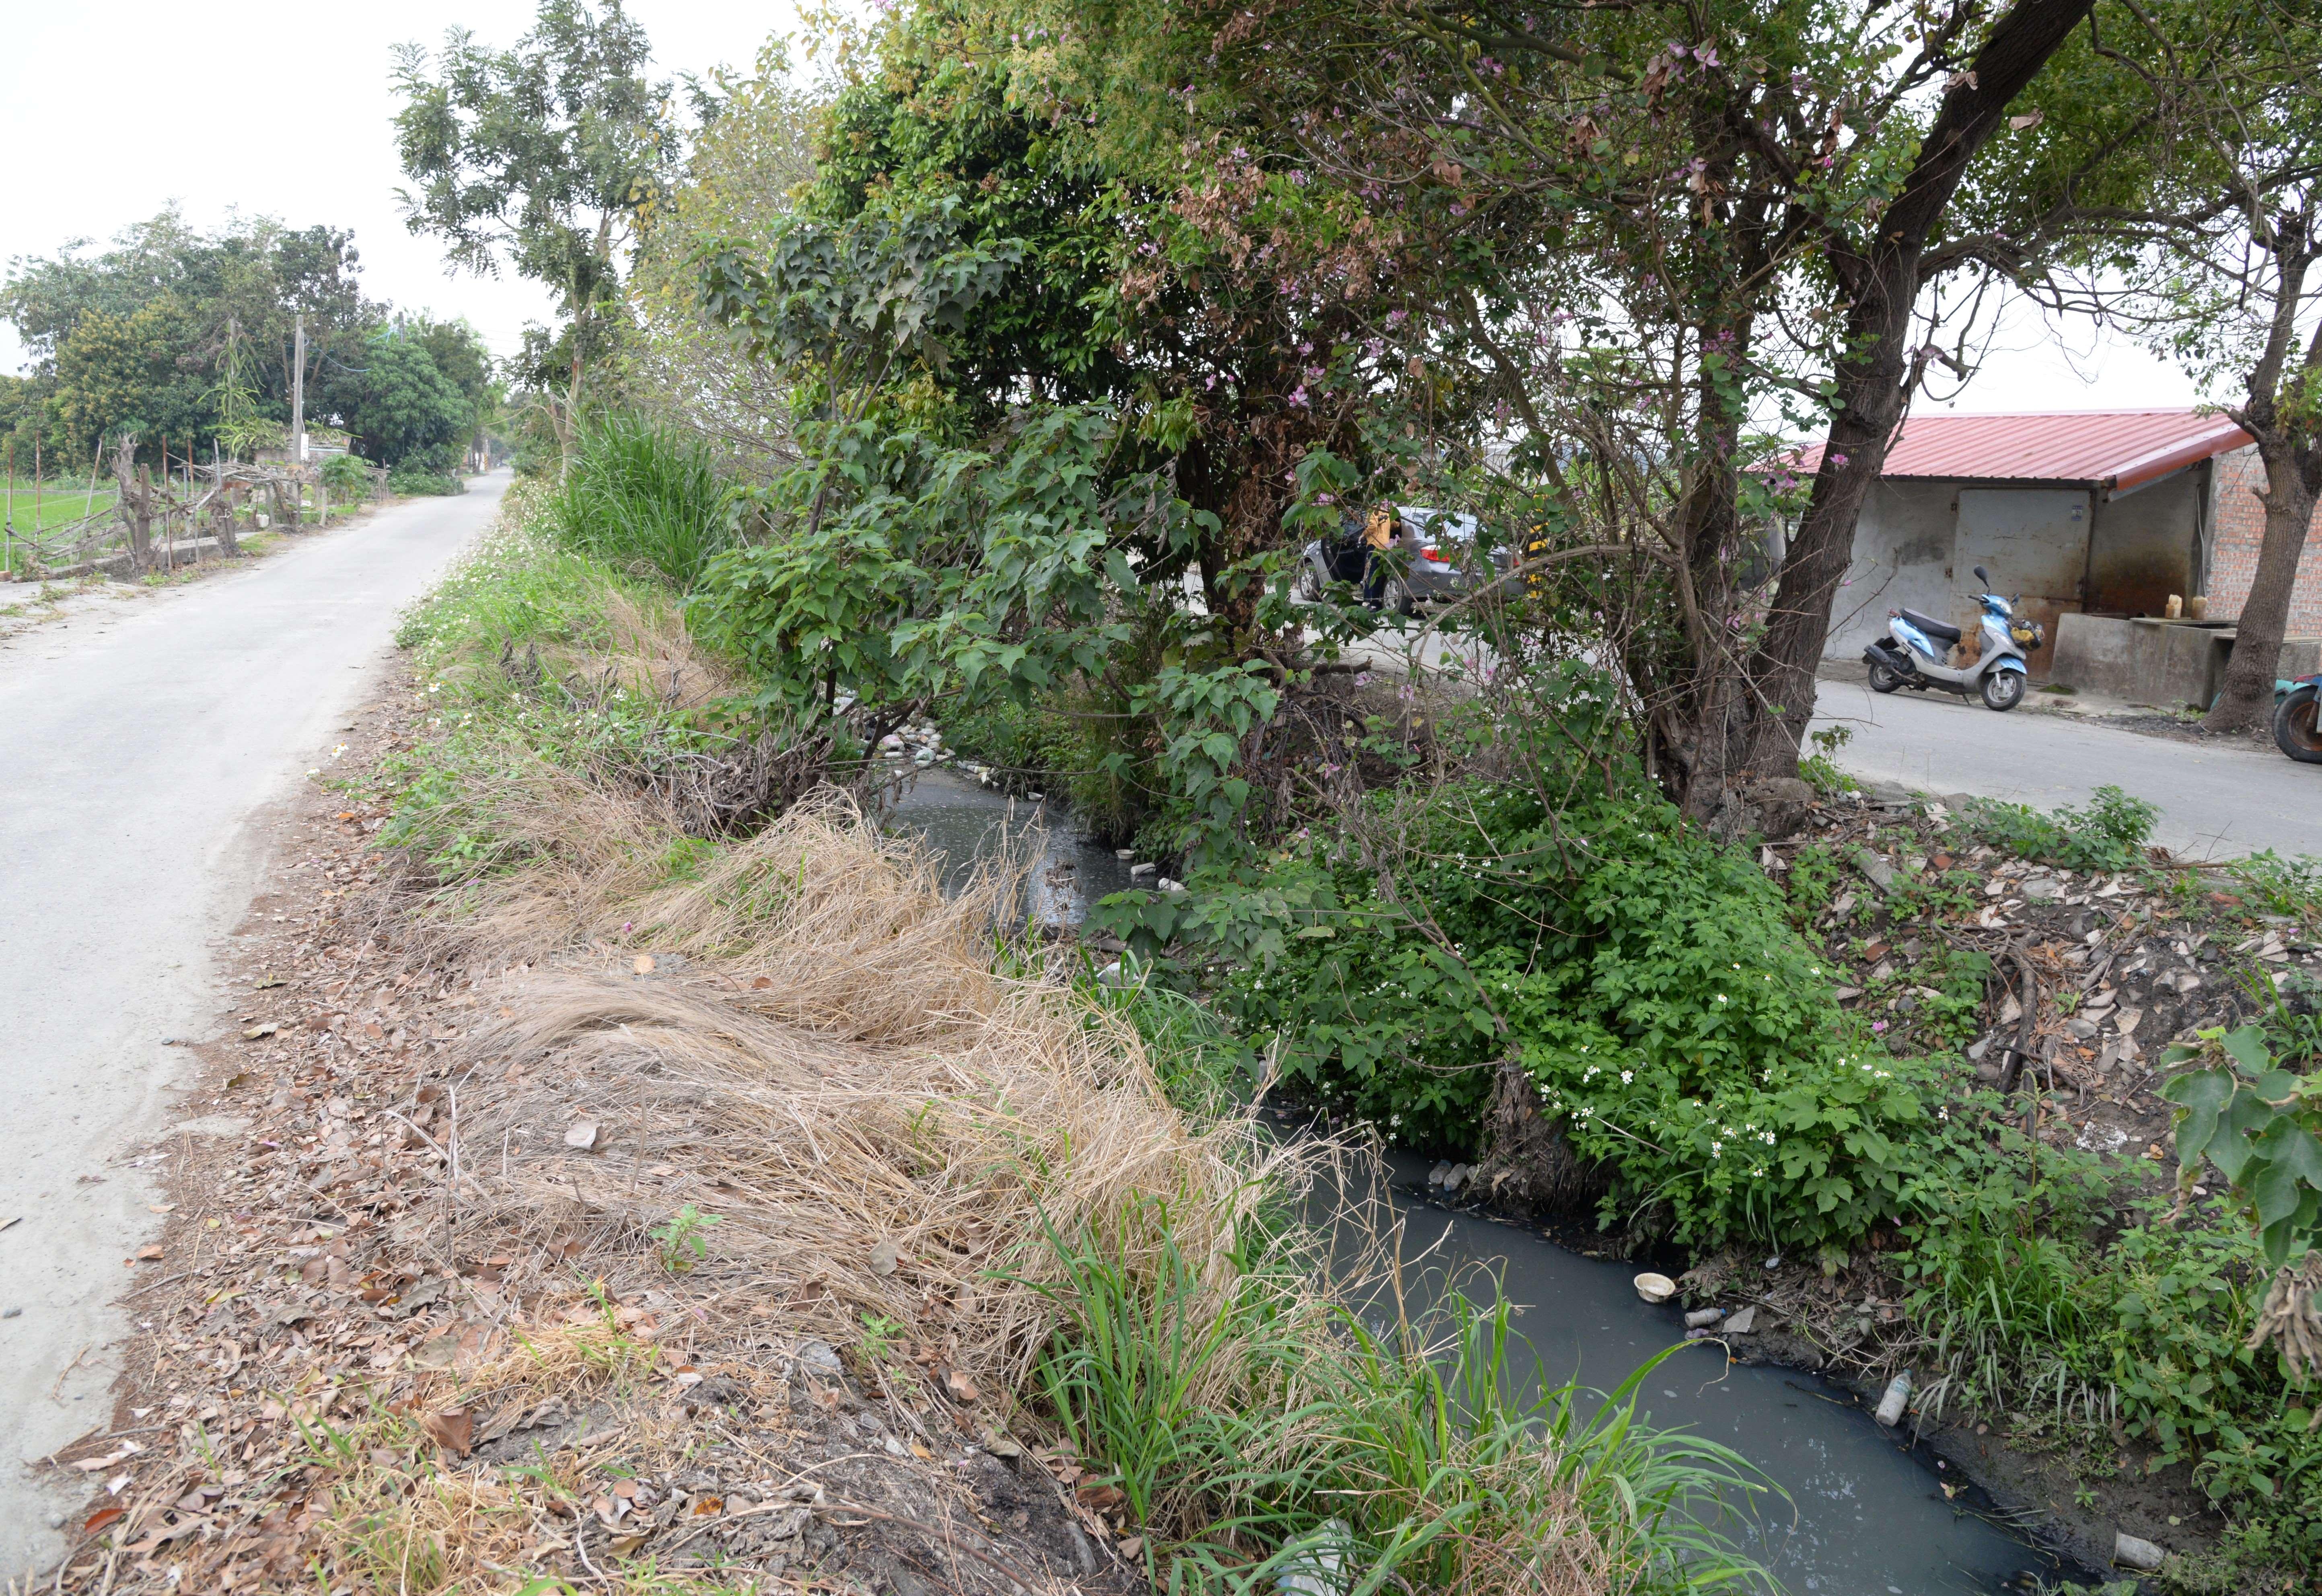 二崙大排部分段落尚未治理,兩岸皆為土堤邊坡,因雜草、灌木叢生,嚴重阻礙通水斷面。